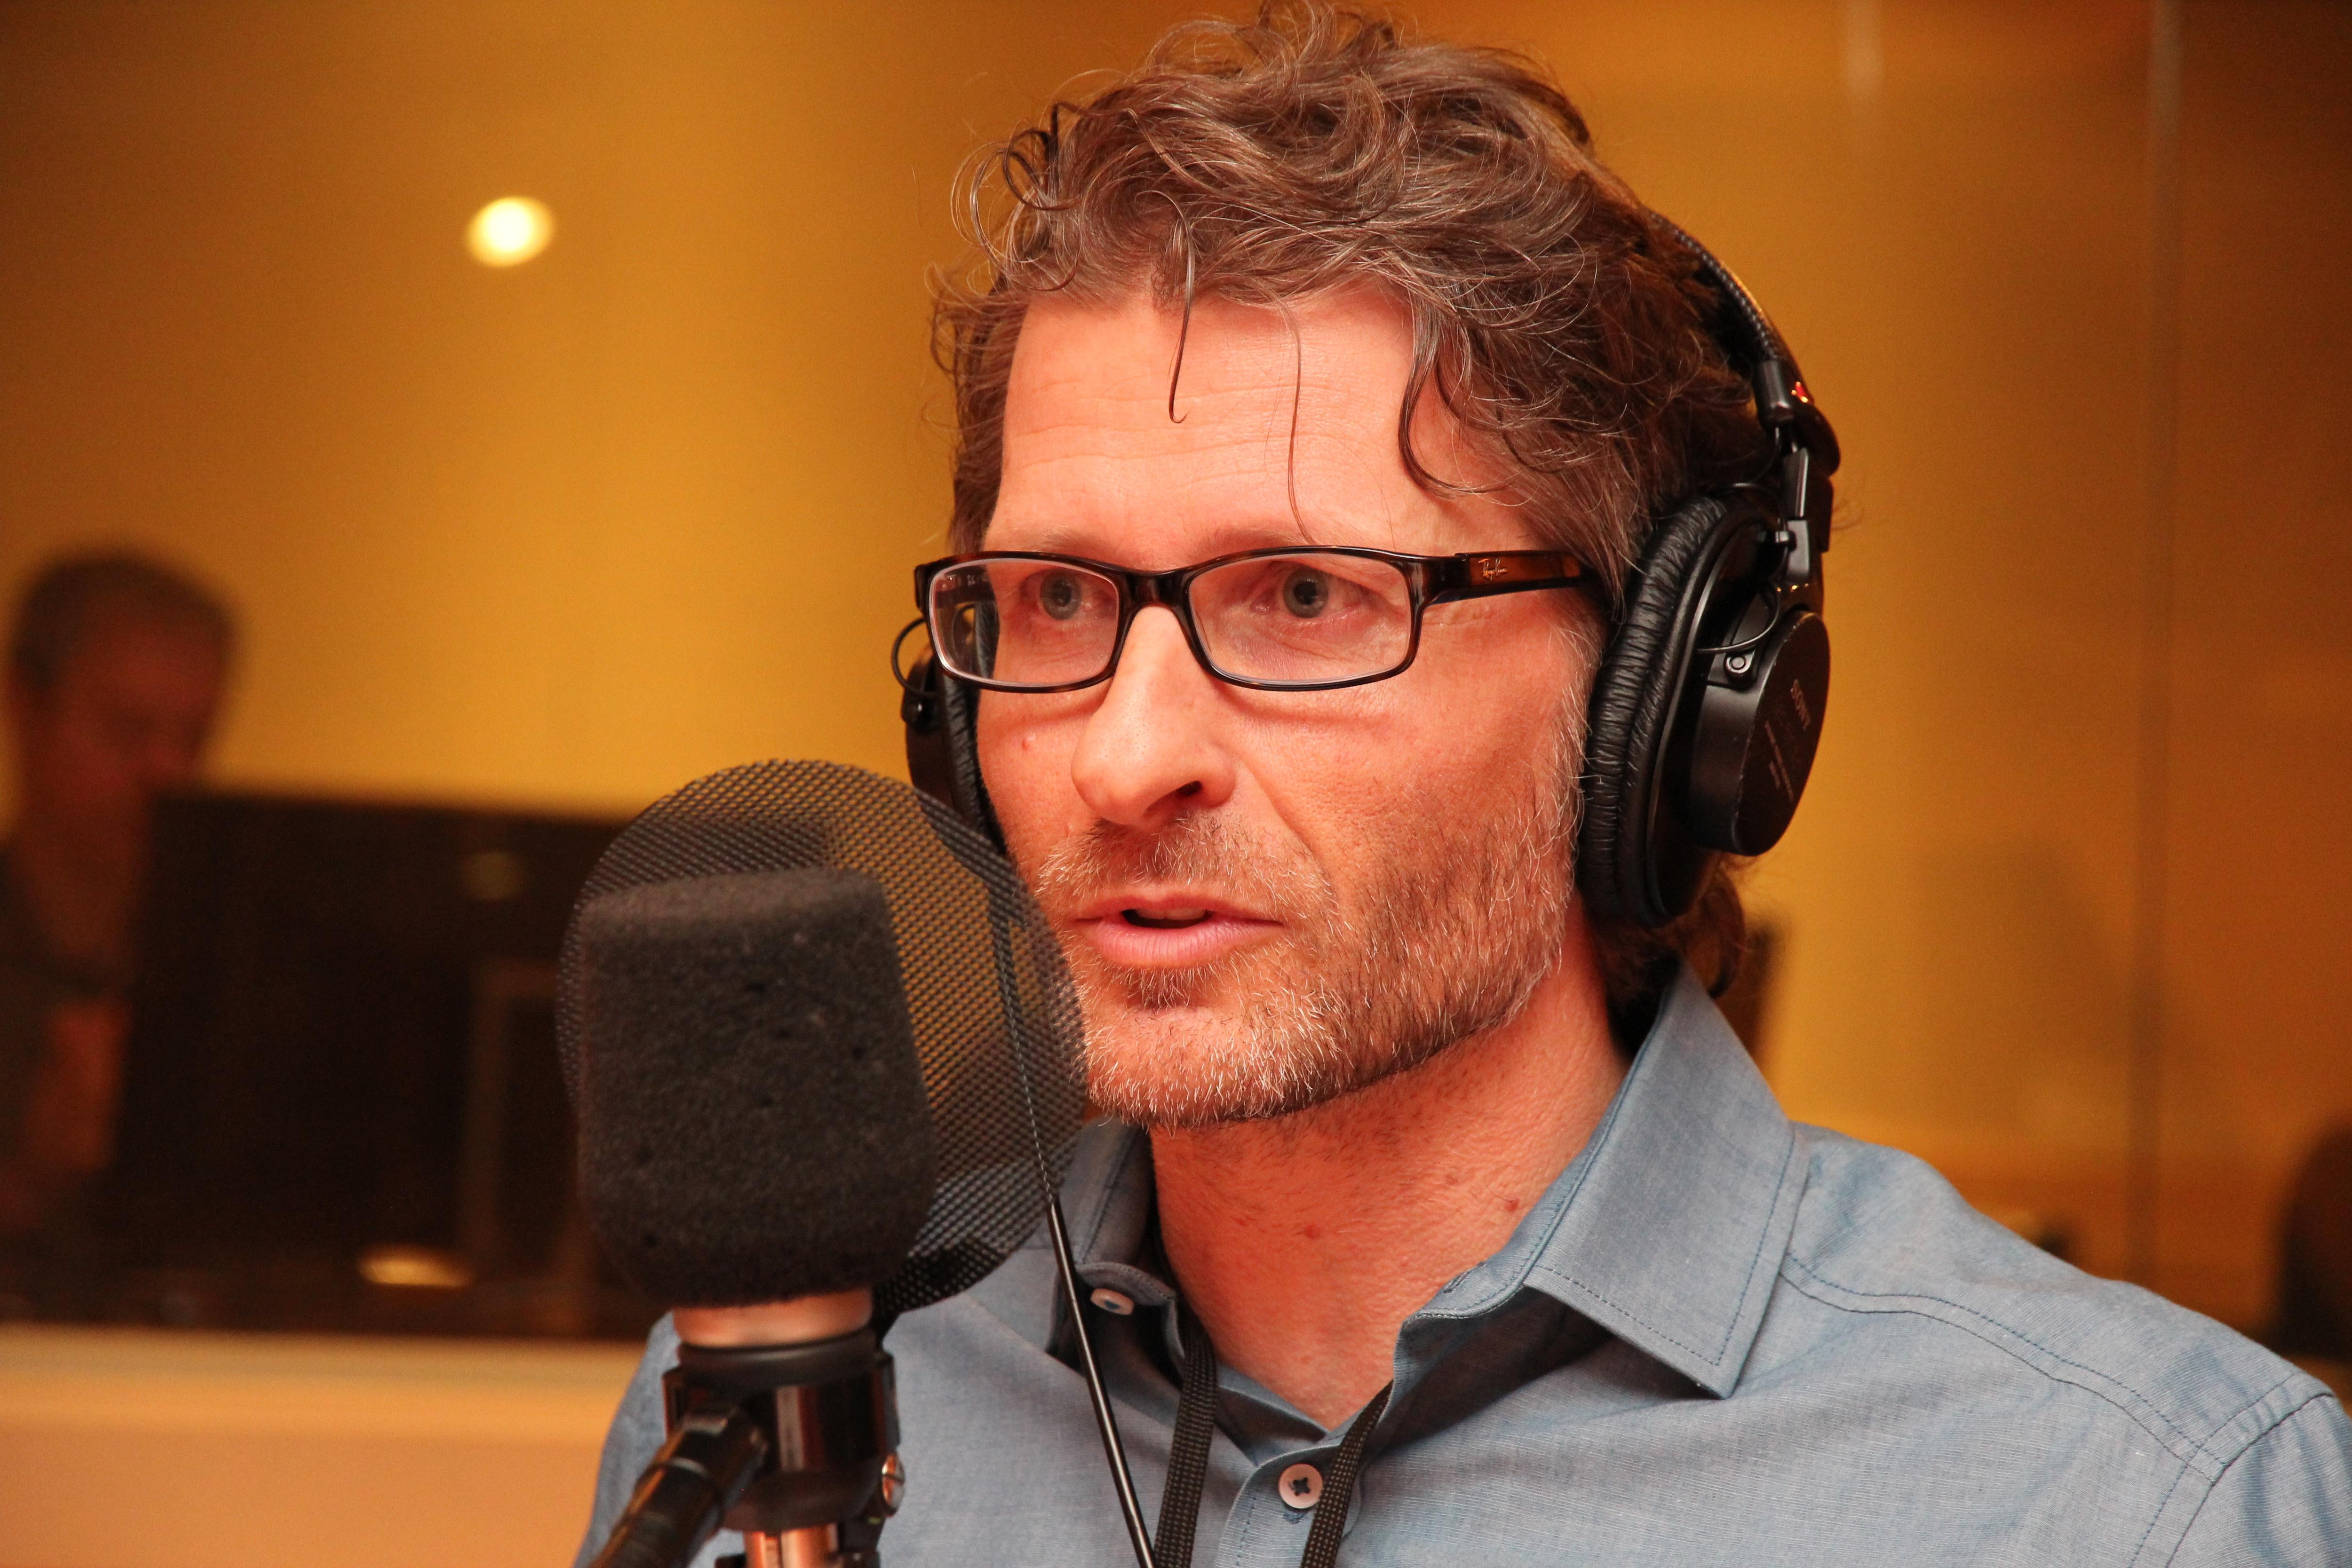 Spasmes, perte de concentration, accélération des battements du cœur : François Lebrun a découvert les symptômes de la maladie de Lyme en 2007.